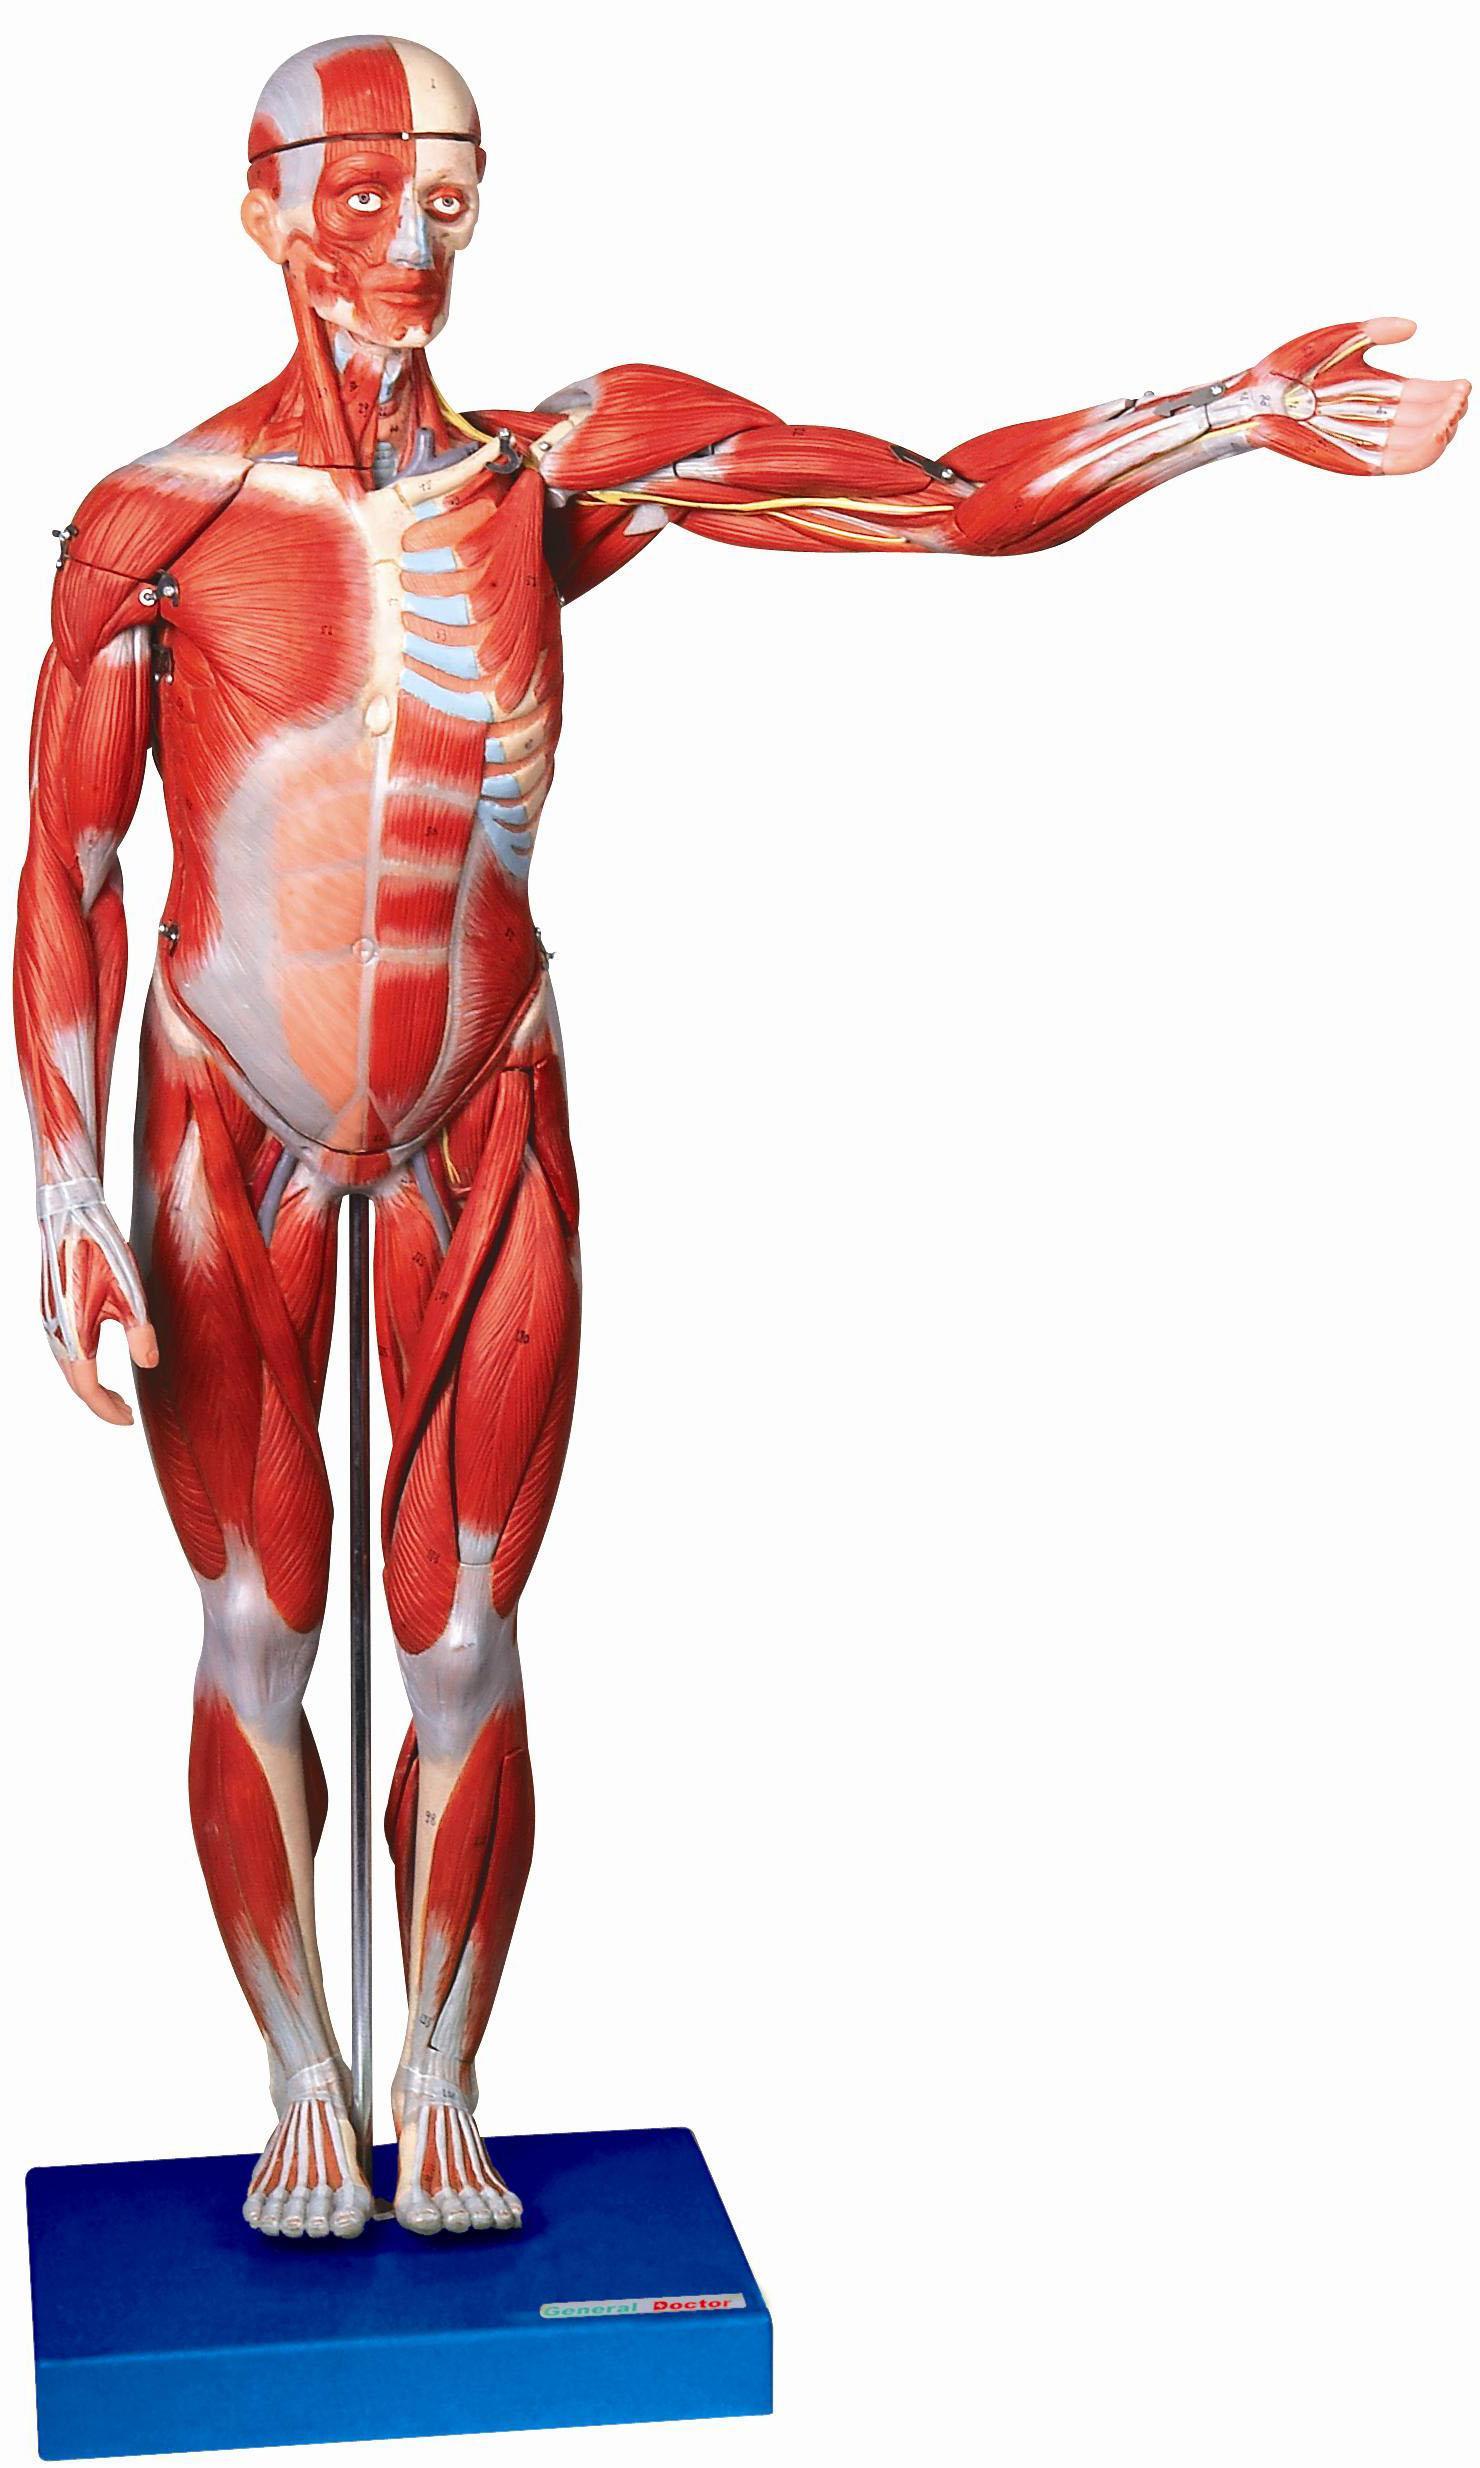 身体肌肉图_人体全身肌肉解剖模型(高78cm)A11302 - 人体解剖-系统解剖学肌肉 ...